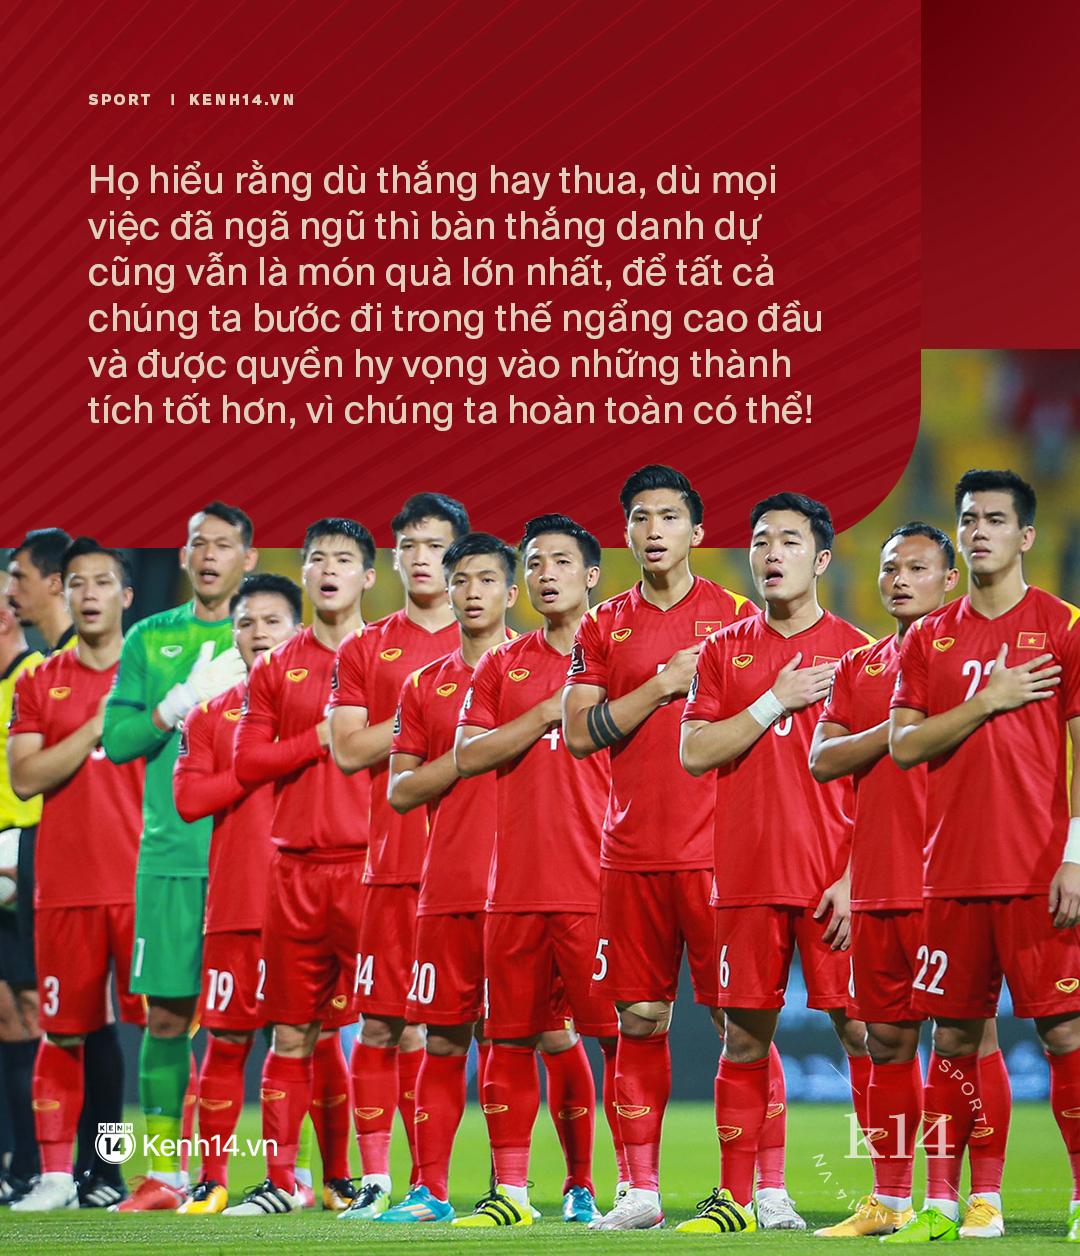 Thua một trận, thắng cả chiến dịch: Và lịch sử bóng đá Việt Nam vẫn đang được viết tiếp! - Ảnh 5.